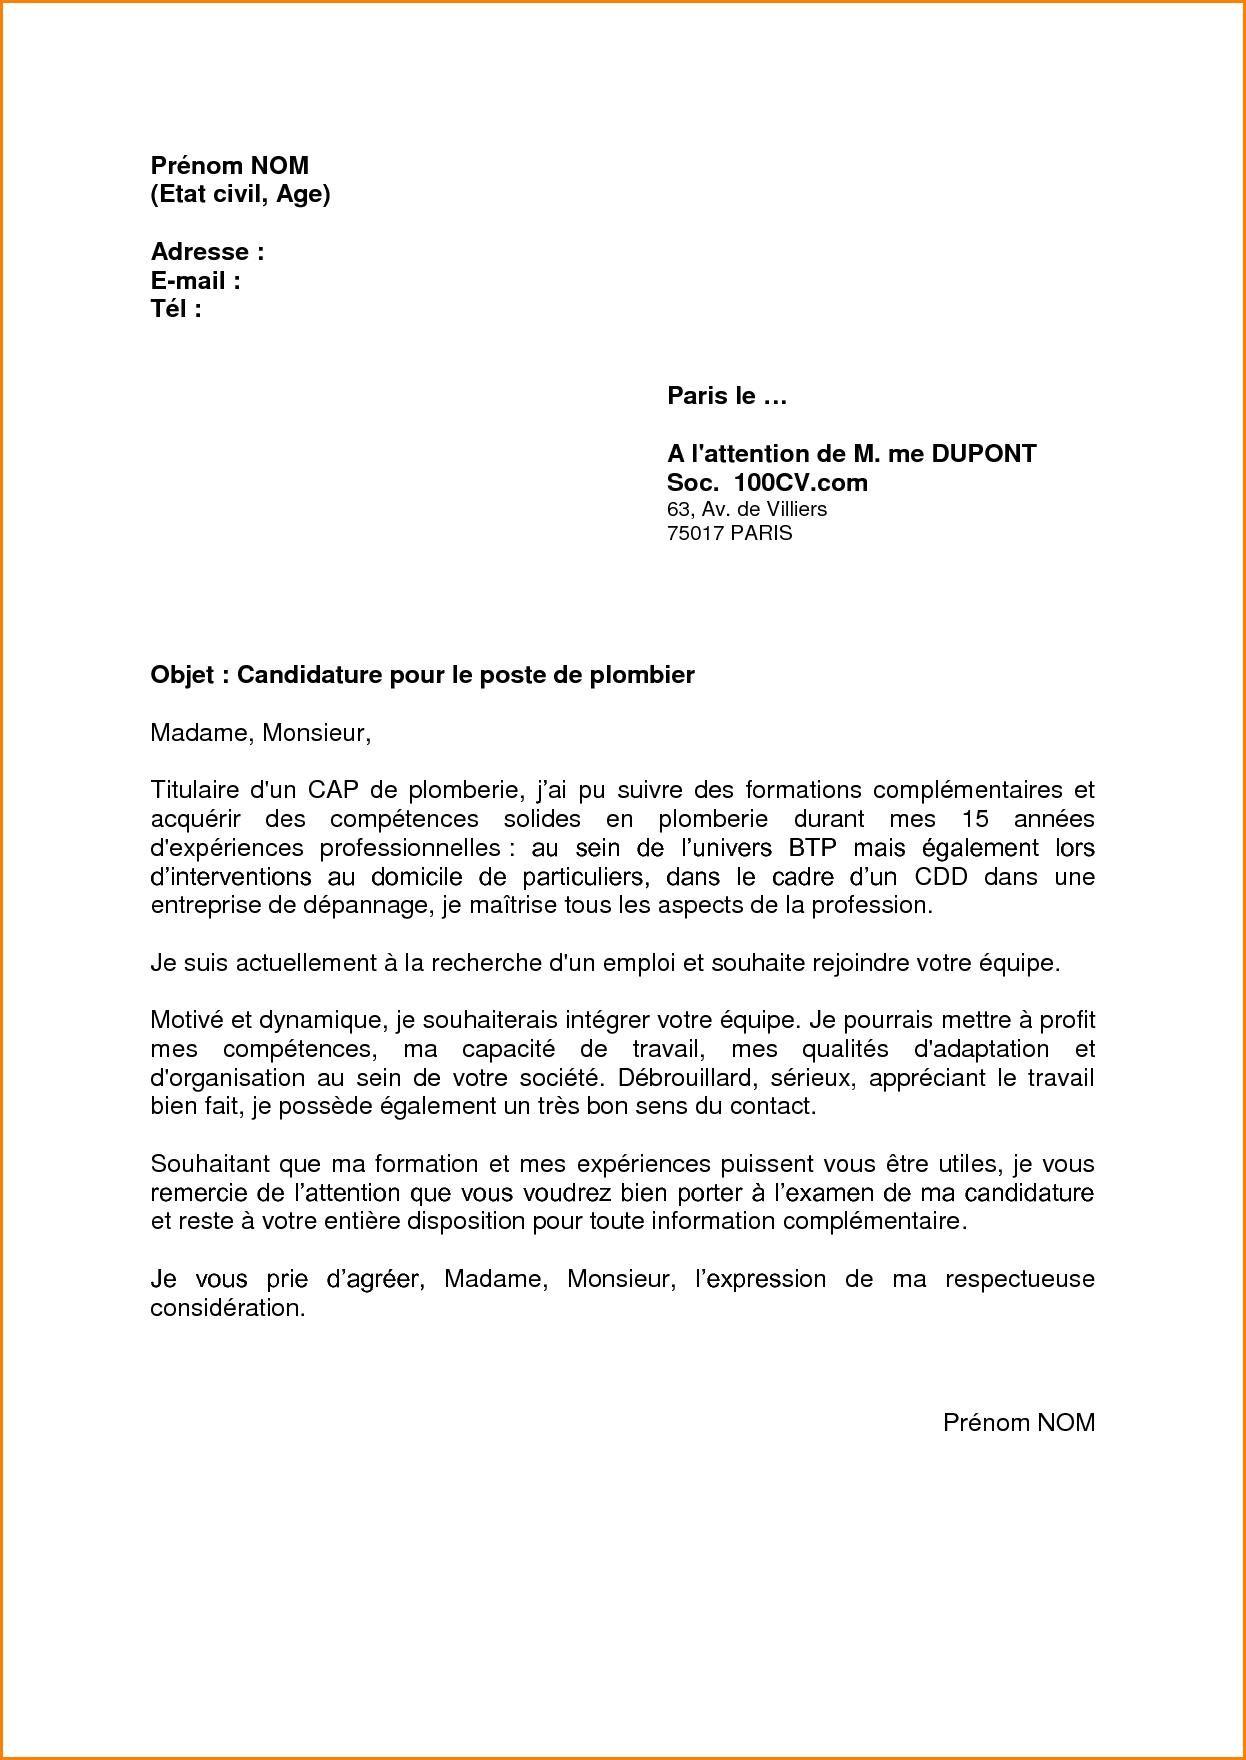 8 Exemple Lettre De Motivation Plombier Chauffagiste Professional Cv Format Cv Format Resume Template